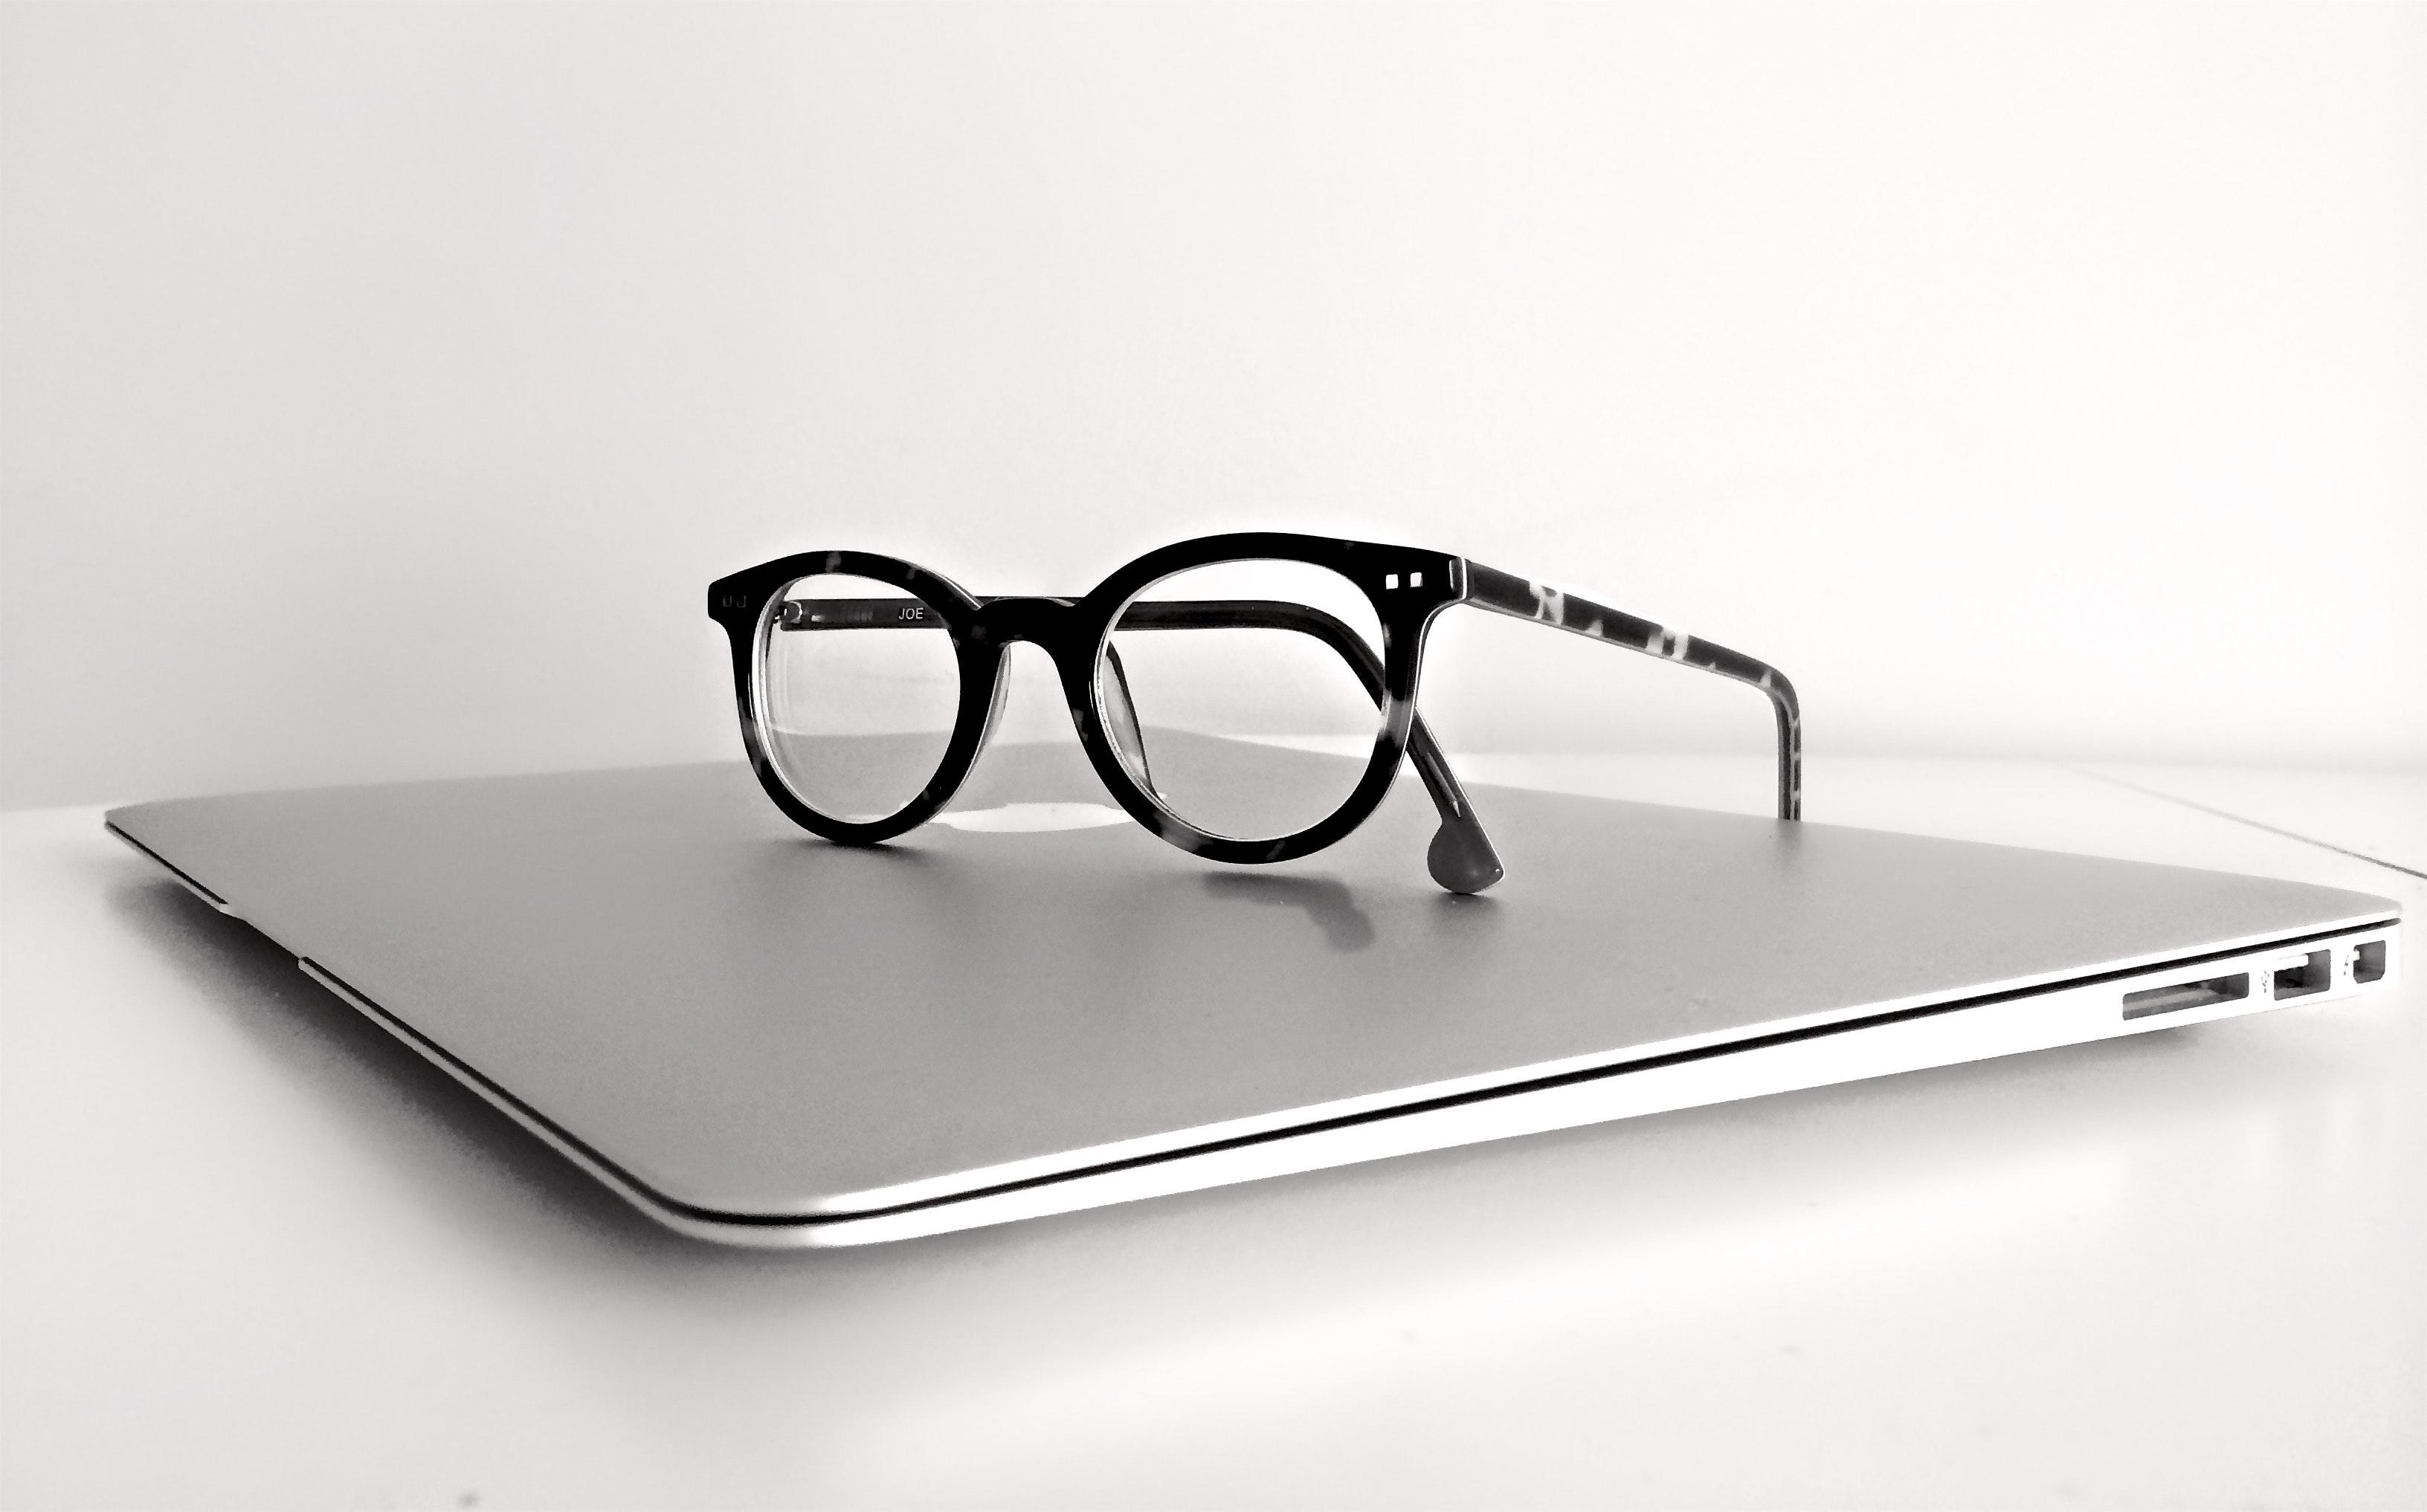 Black Frame Eyeglasses on Silver Macbook Air, Apple, Computer, Eyeglasses, Eyewear, HQ Photo